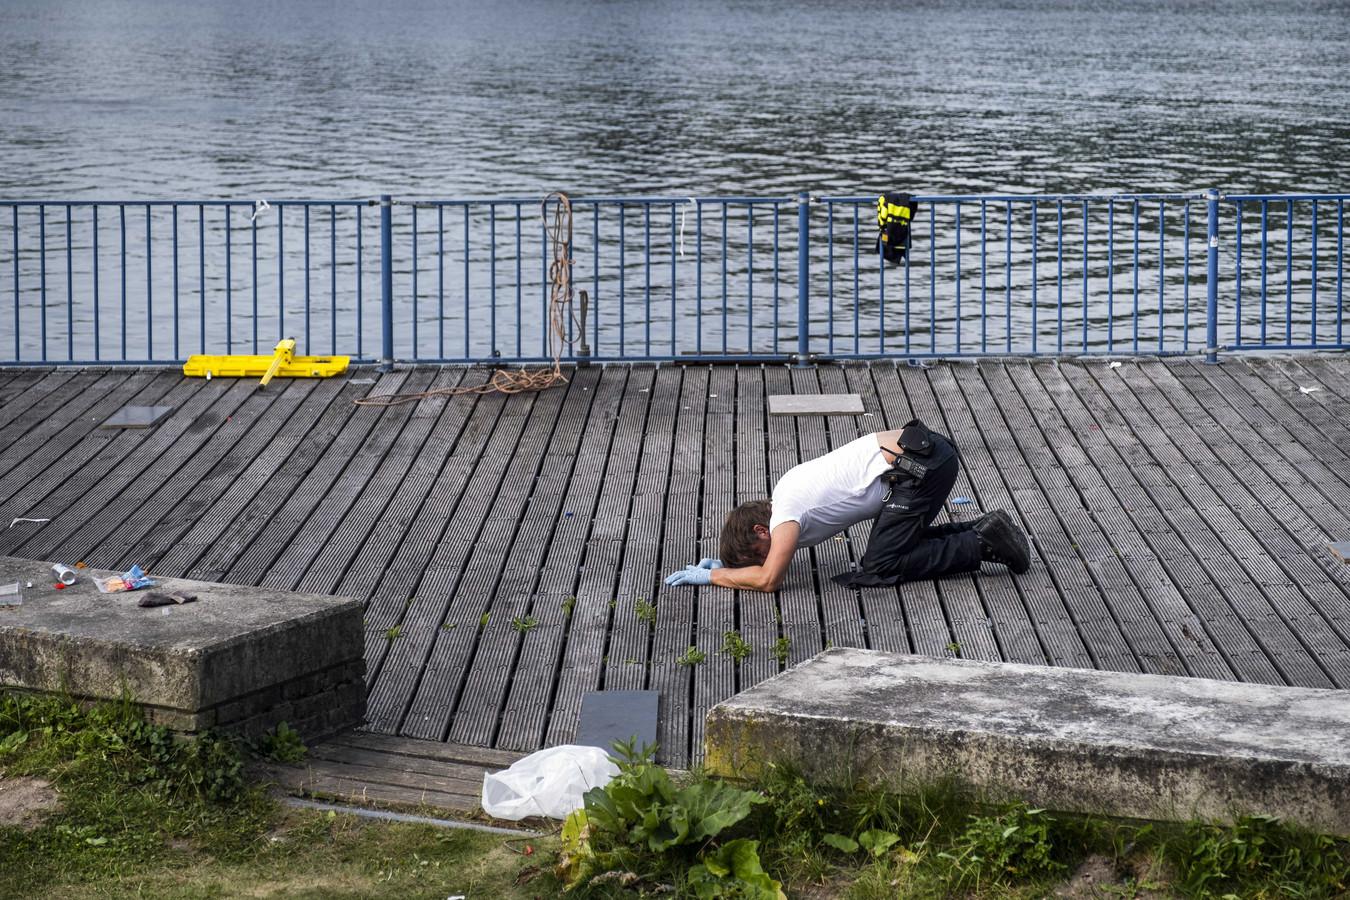 De politie tijdens sporenonderzoek aan het Nieuwe Meer in natuurgebied De Oeverlanden.